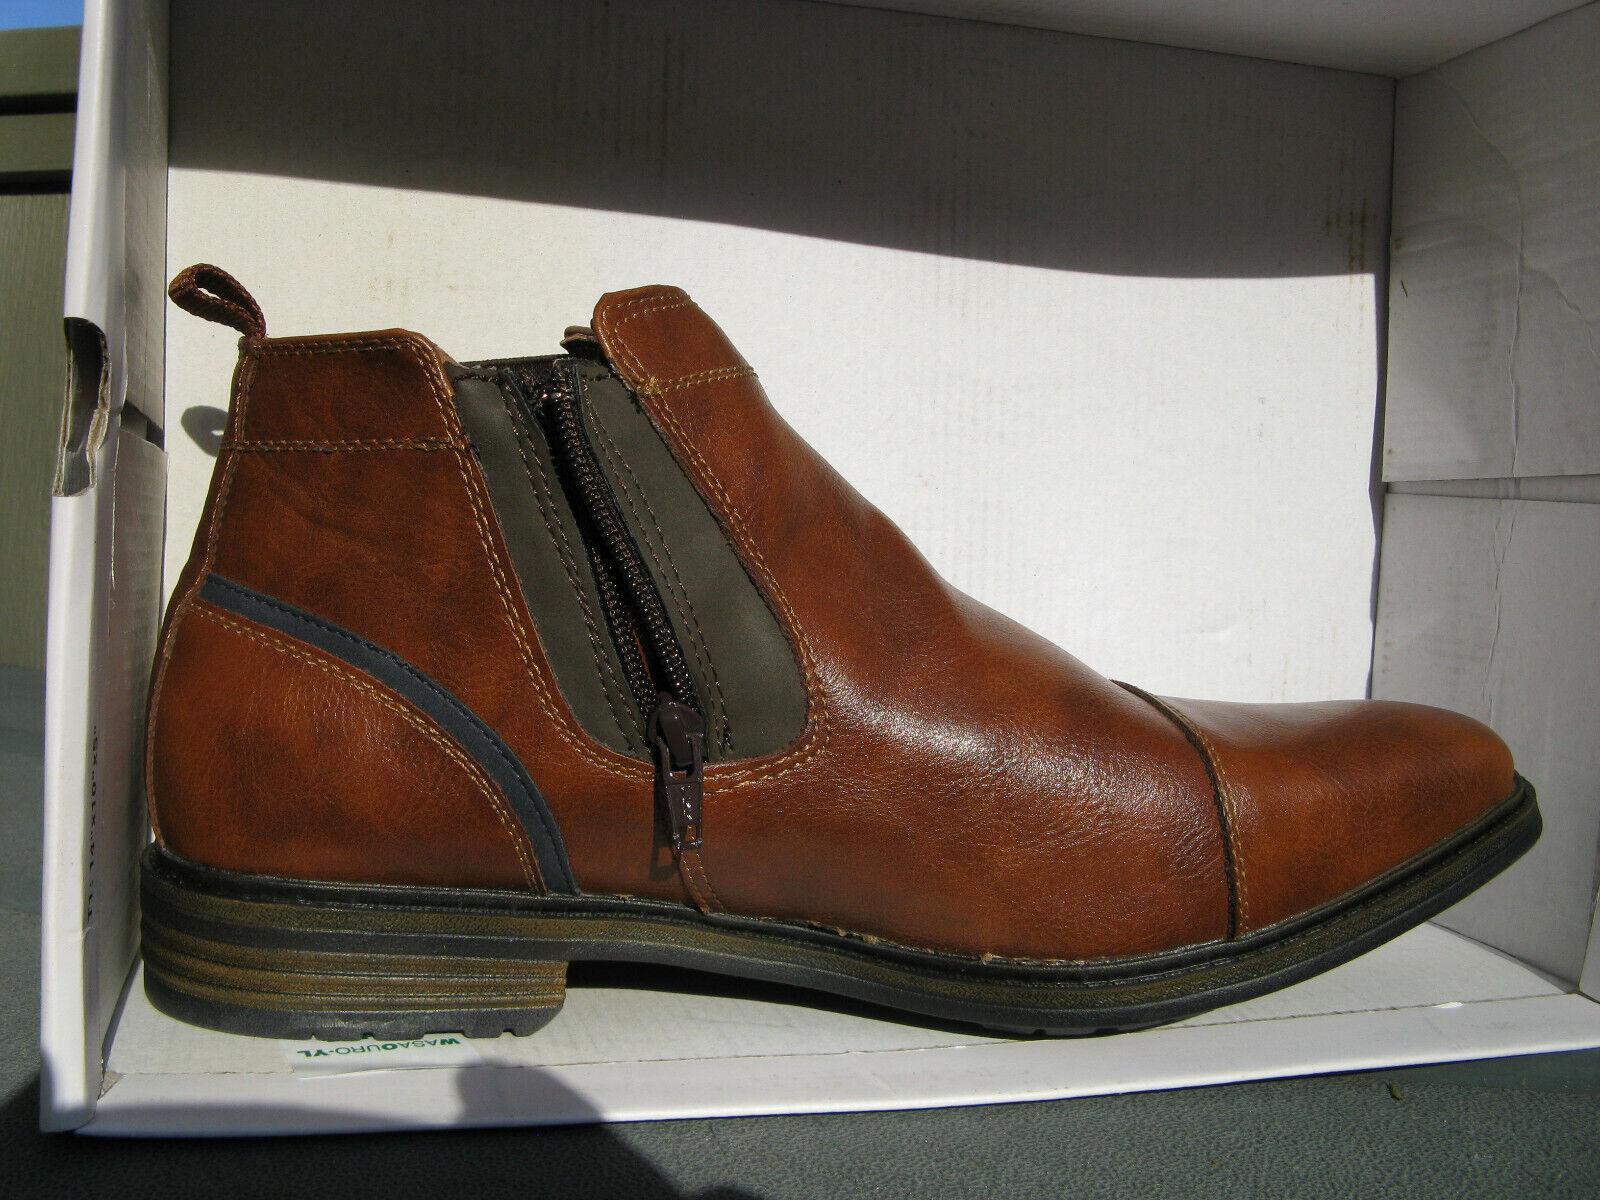 Dress stivali-NIBSonoma Bre  Ankle zip- sz 12- Vitalize by Ortholite insert Sautope classeiche da uomo